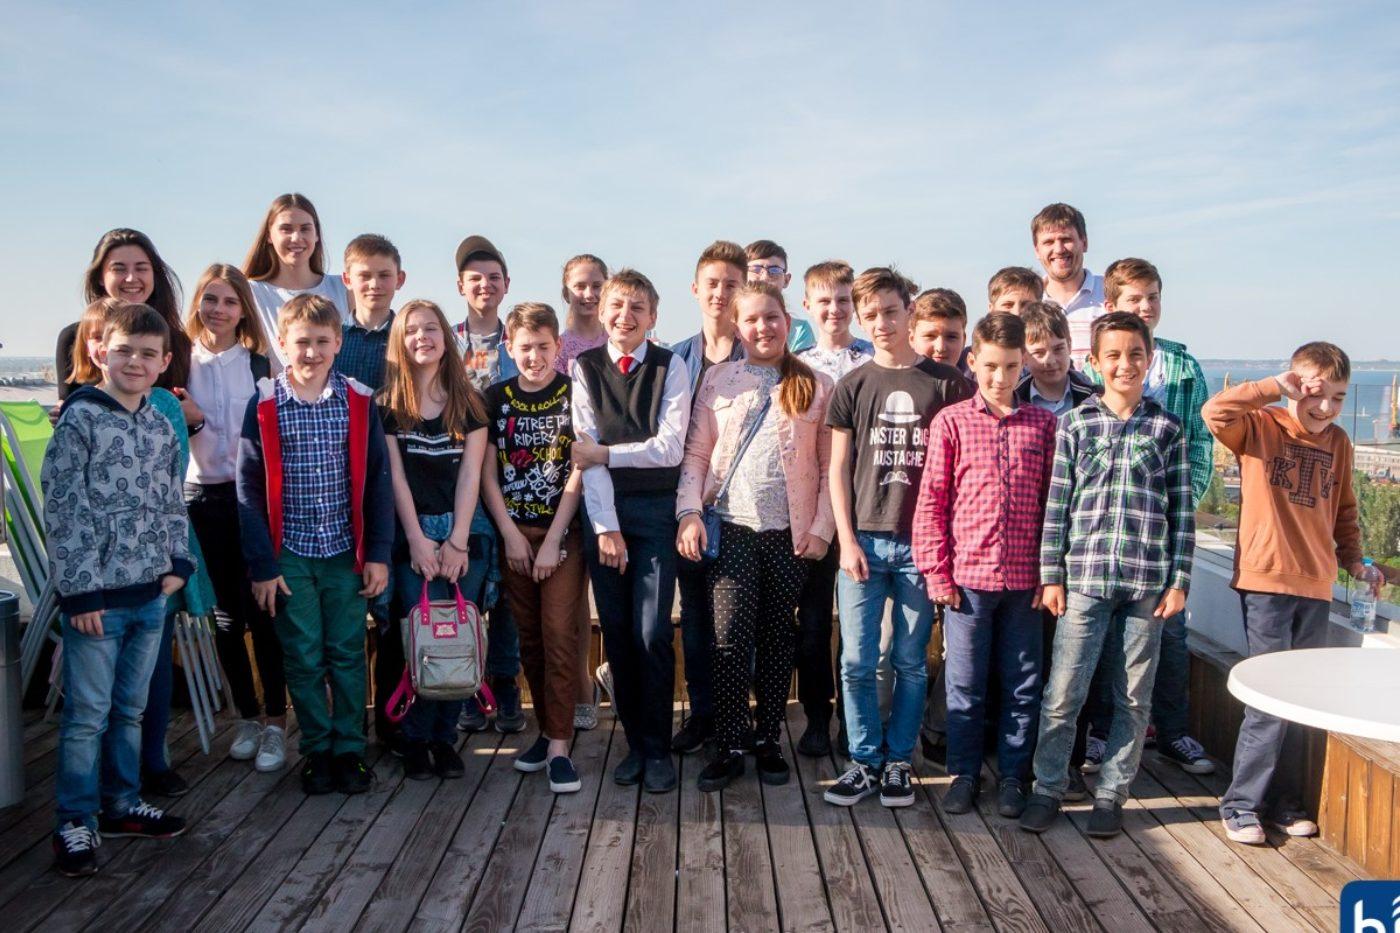 Статьи: Проведите две недели летних каникул с пользой в детском IT-лагере